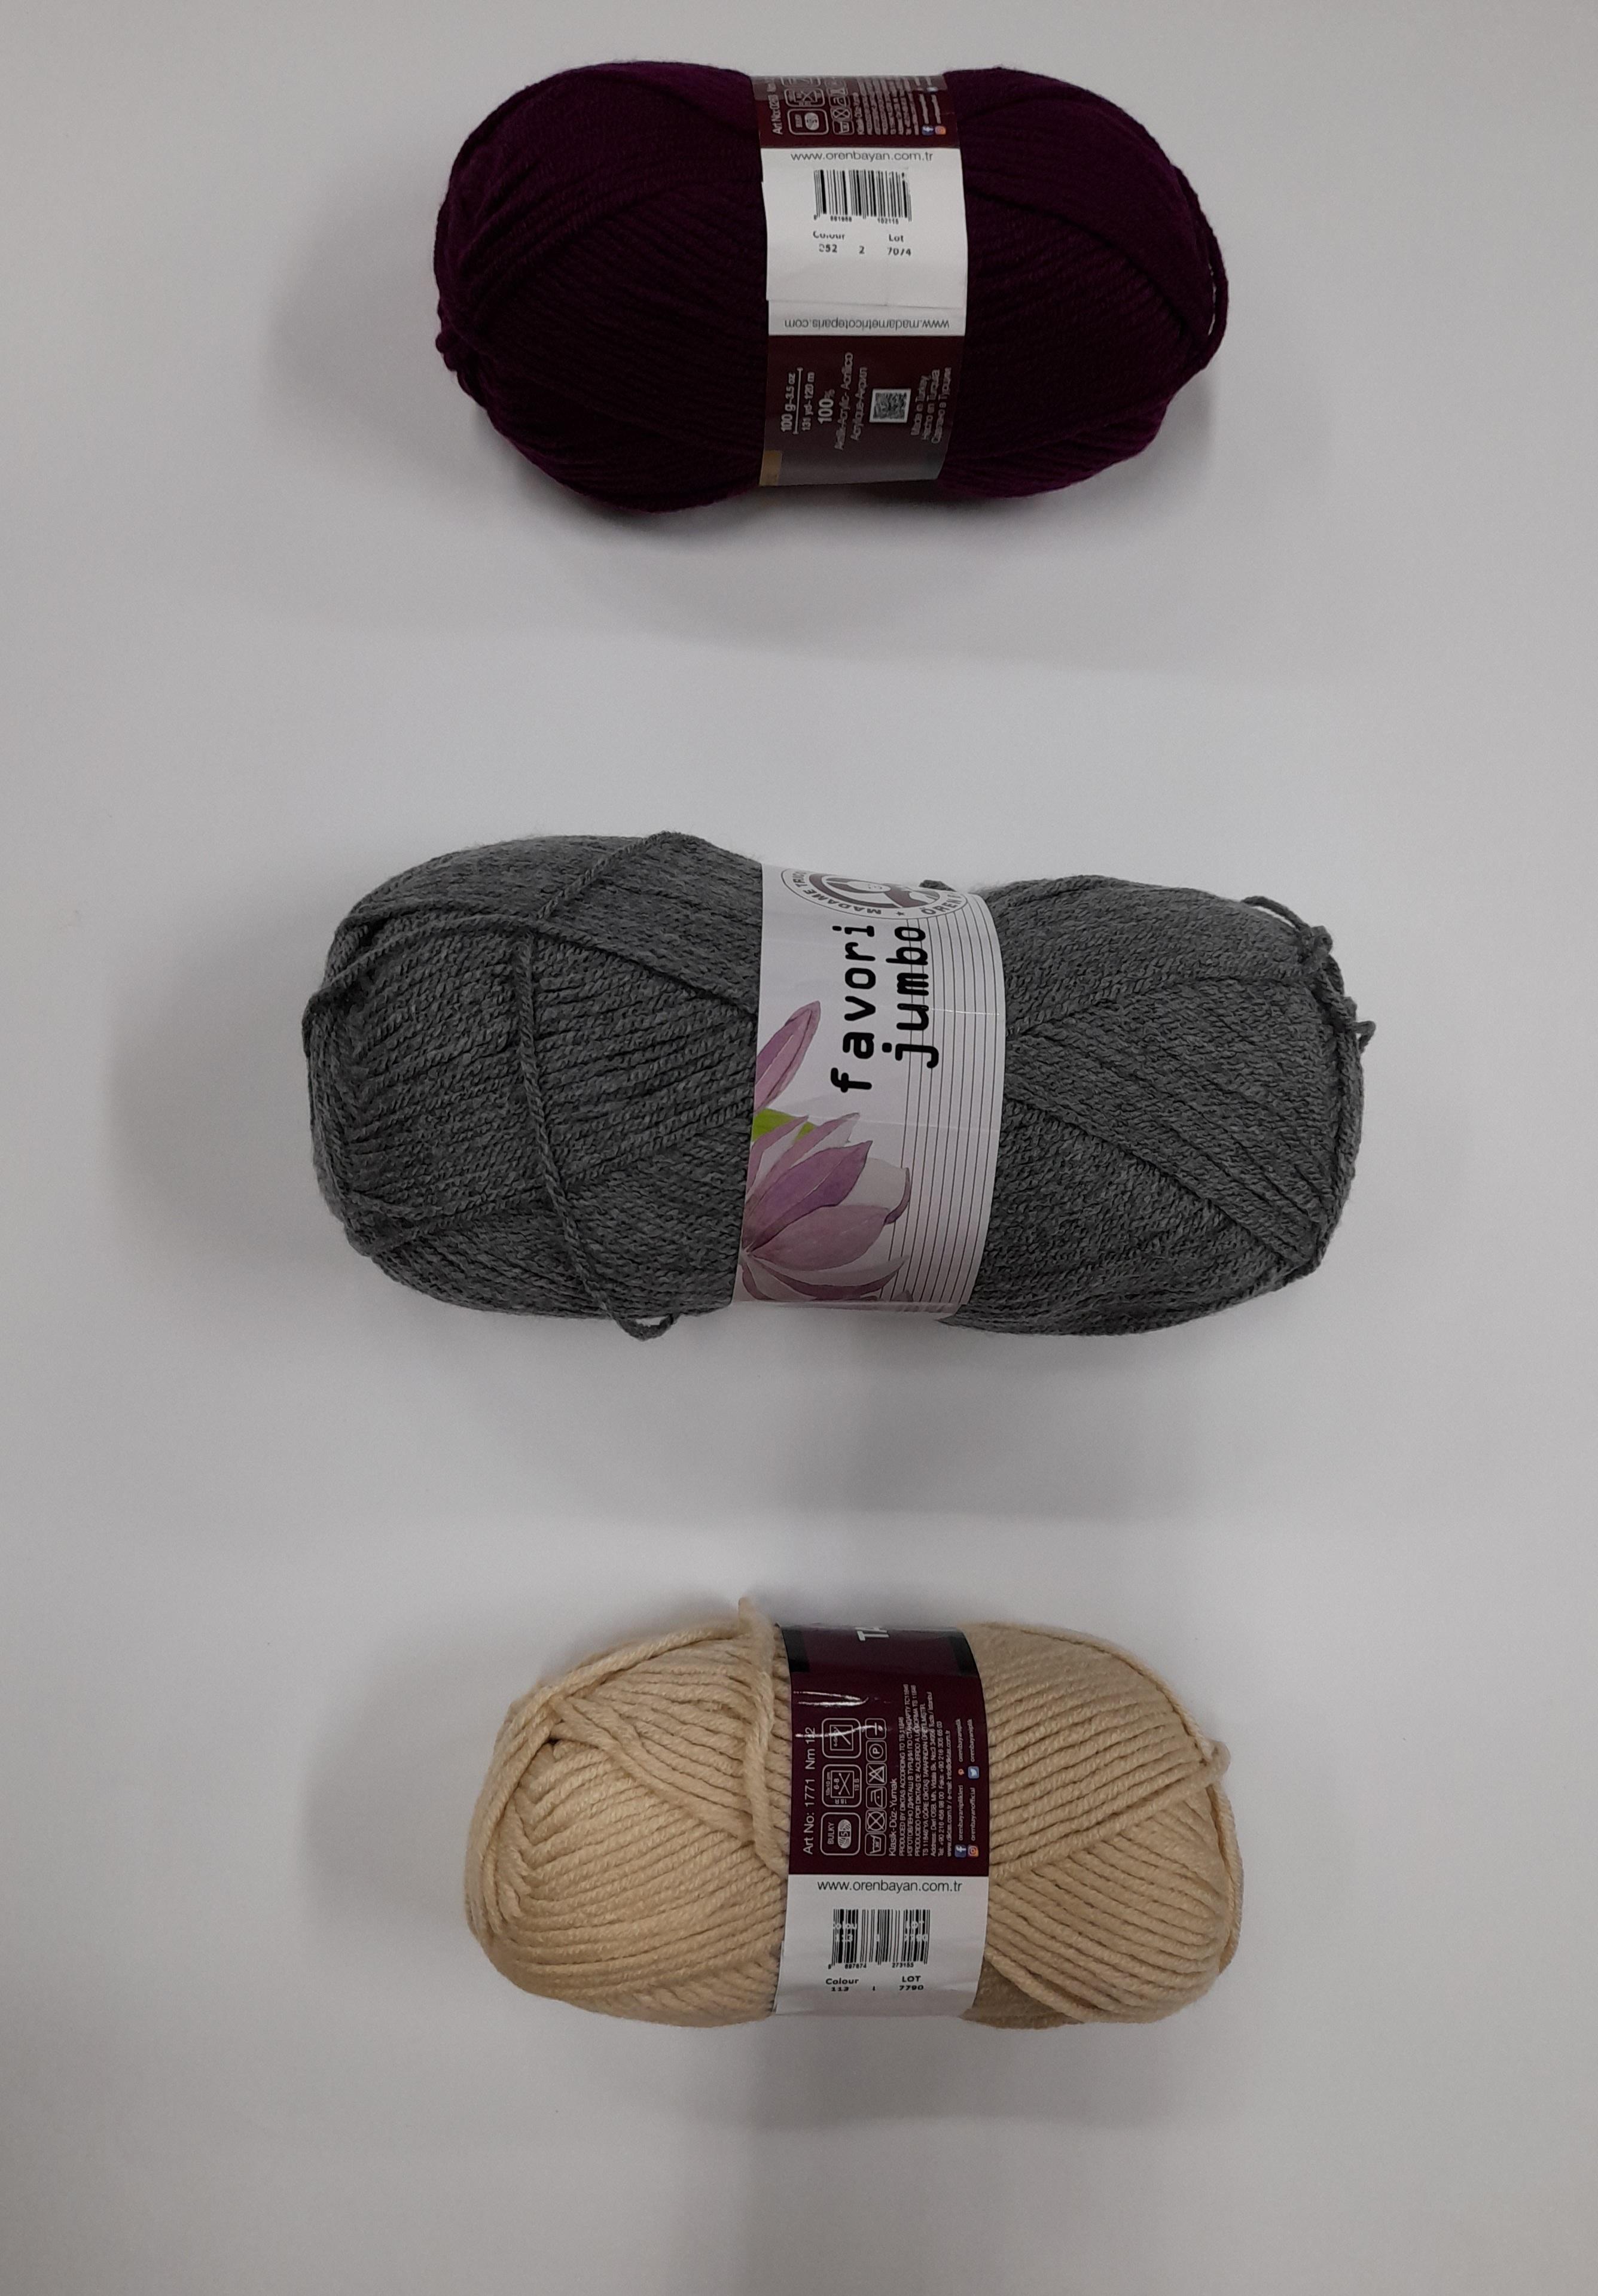 kit materiales telar de puntillas desde casa